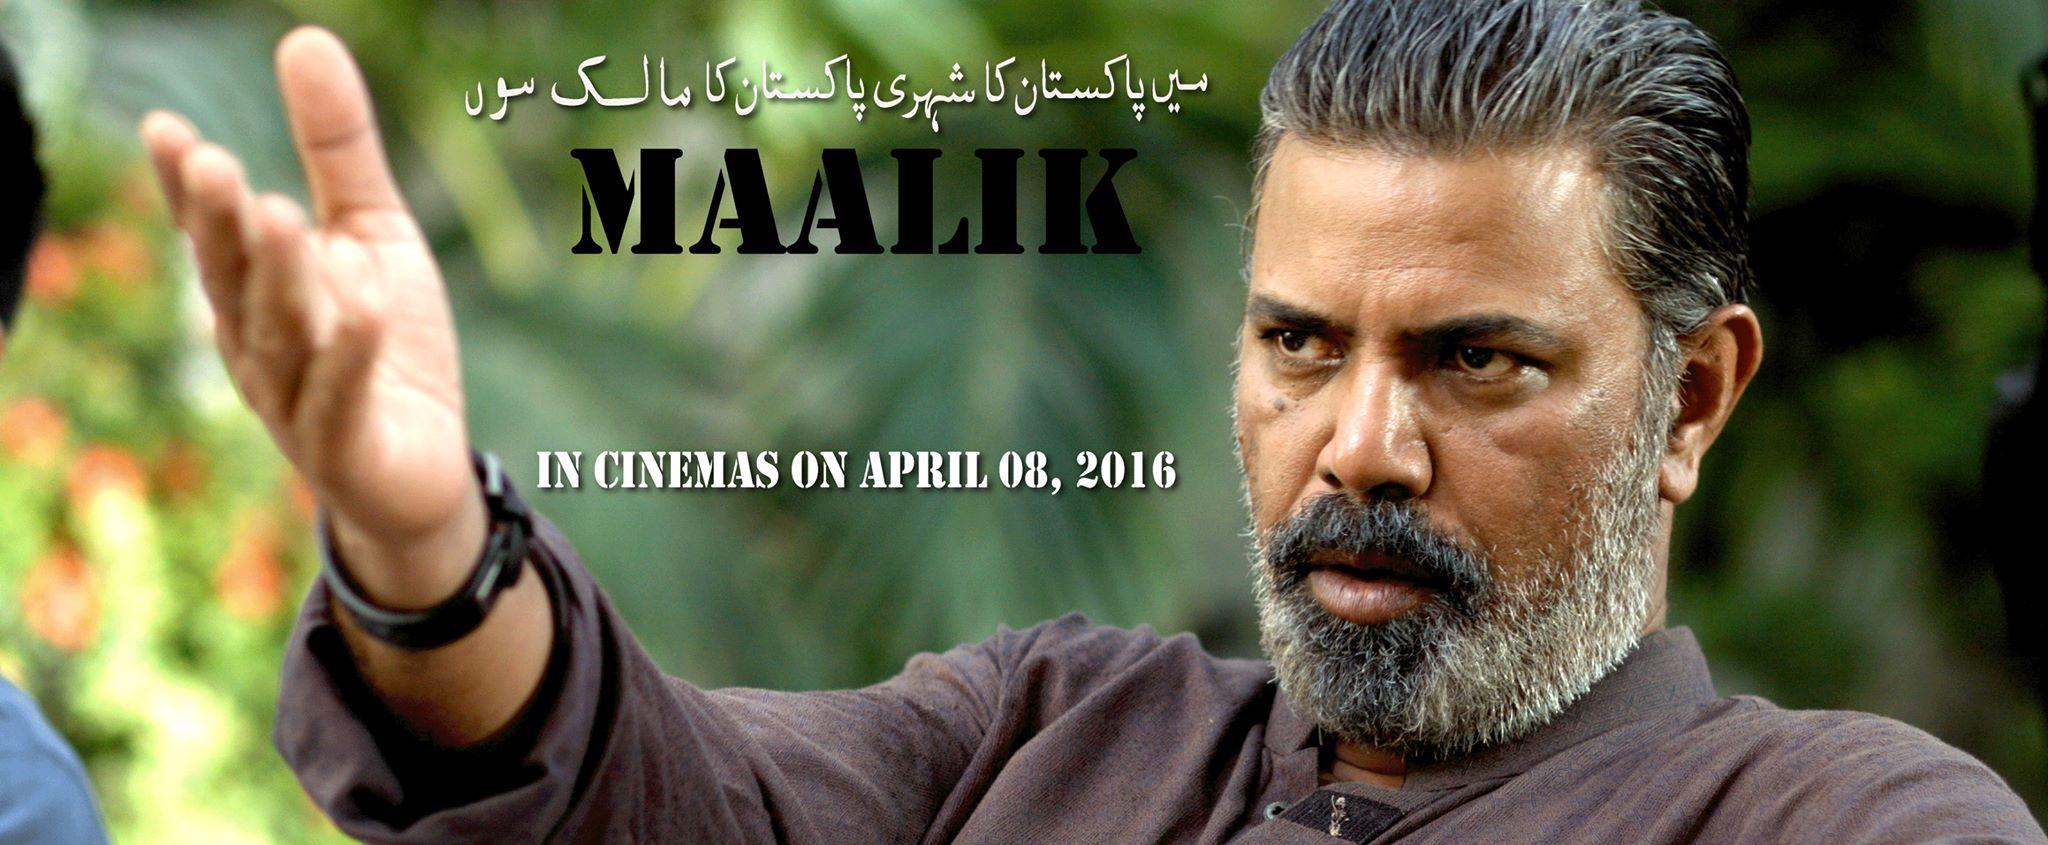 maalik release date